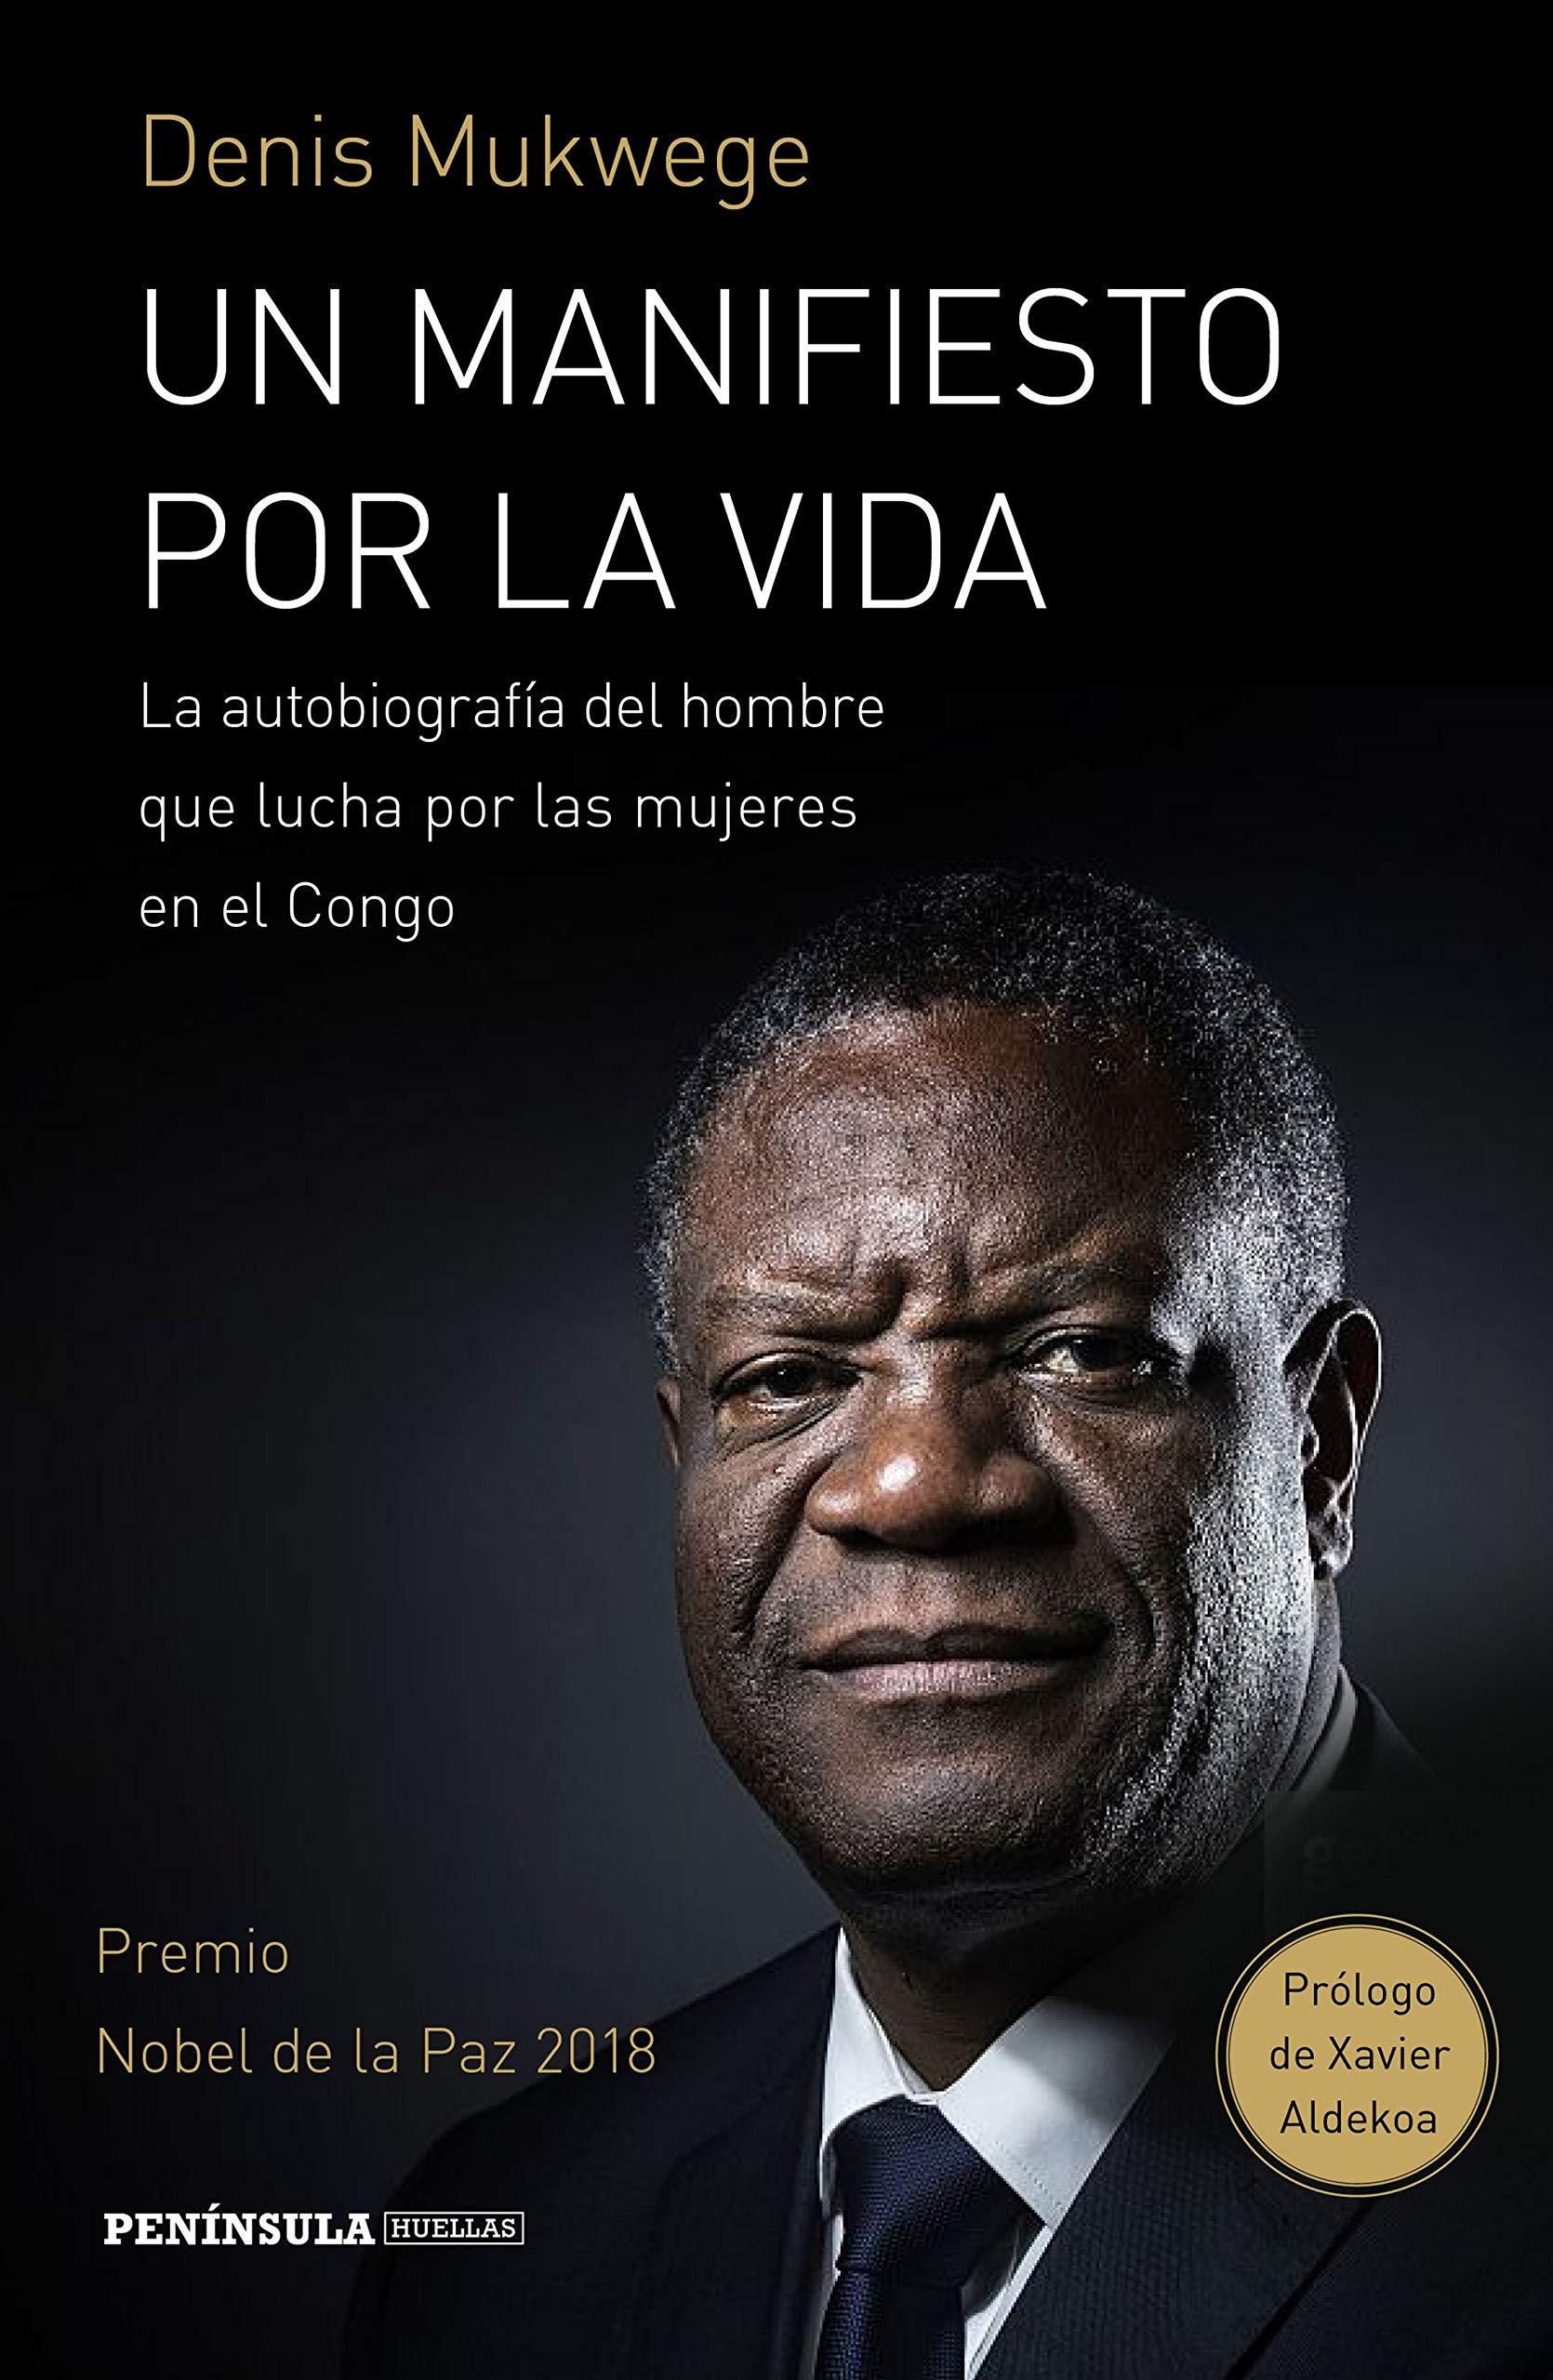 Un manifiesto por la vida: La autobiografía del hombre que lucha por las mujers en el Congo. Prólogo de Xavier Aldekoa (HUELLAS)